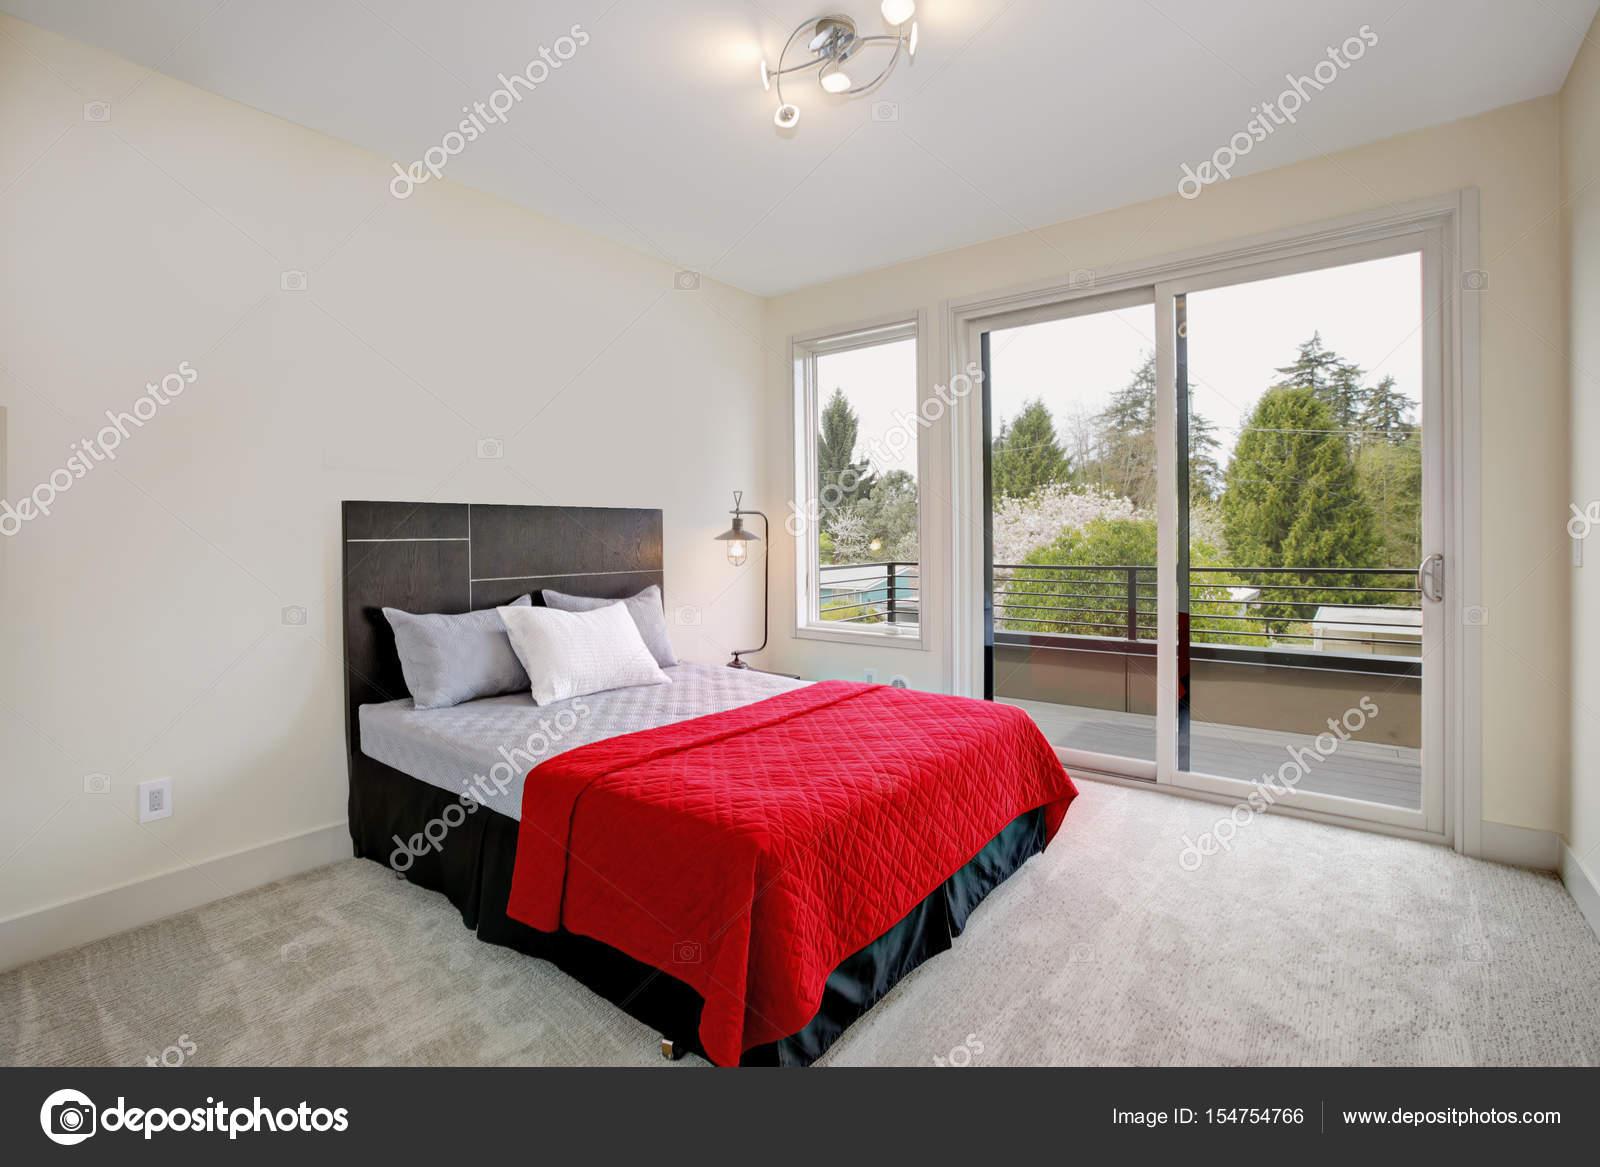 Camere Da Letto Design Minimalista : Interno al piano superiore camera da letto con design minimalista